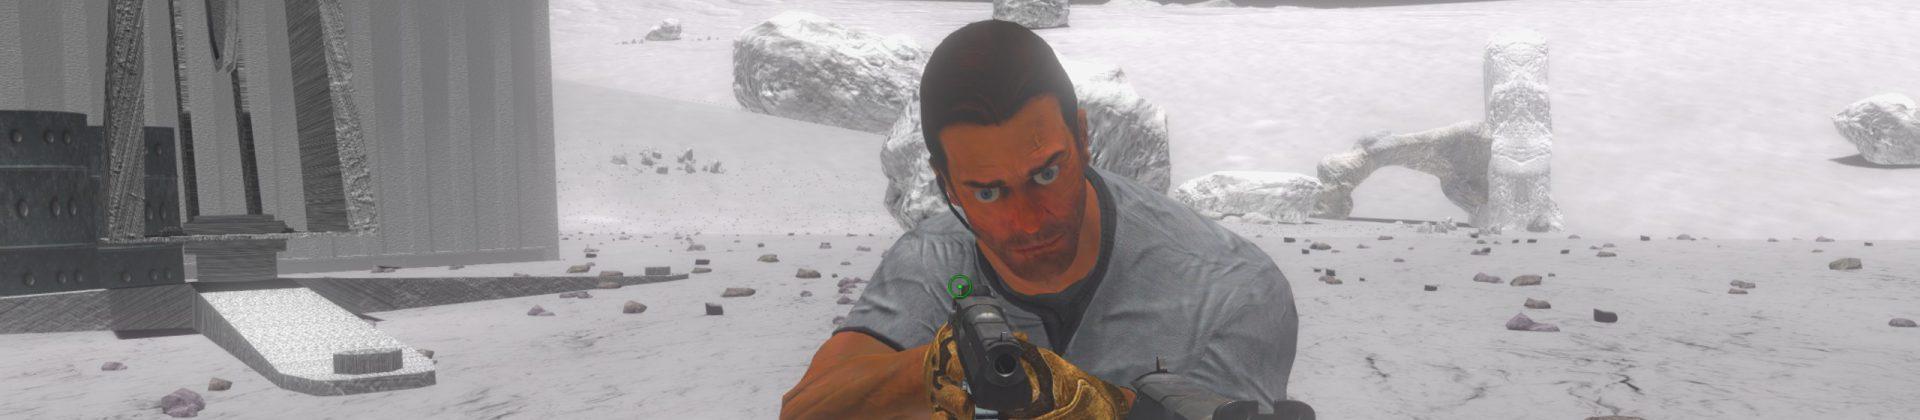 Spooktober Gaming!